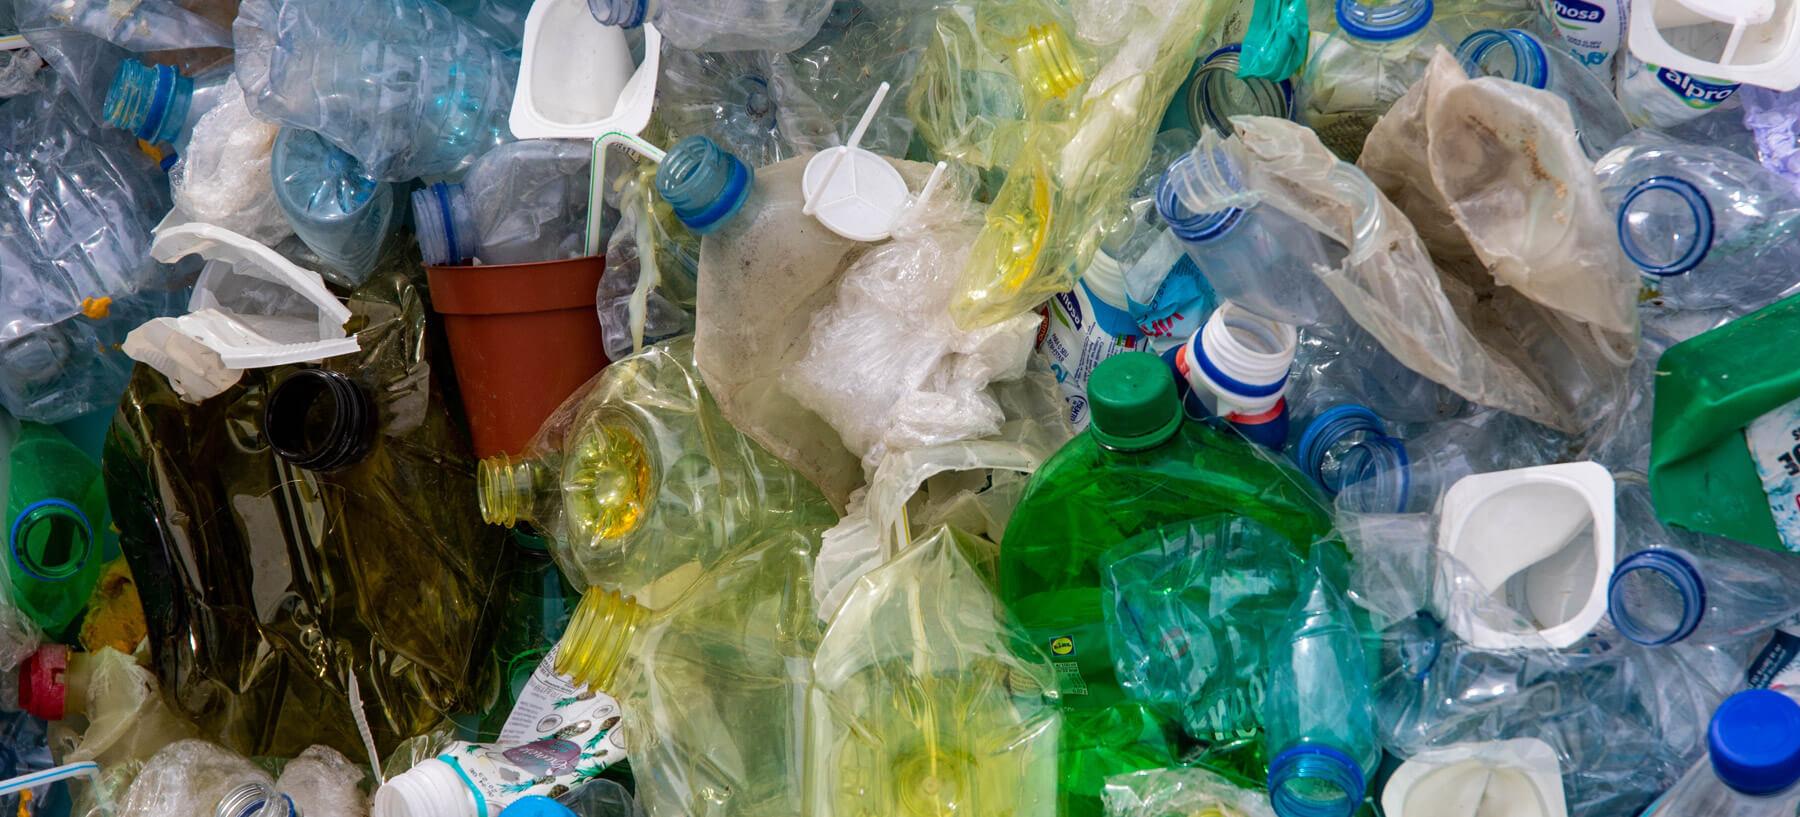 La Botella De Plástico Devuelta Tiene Premio En Portugal